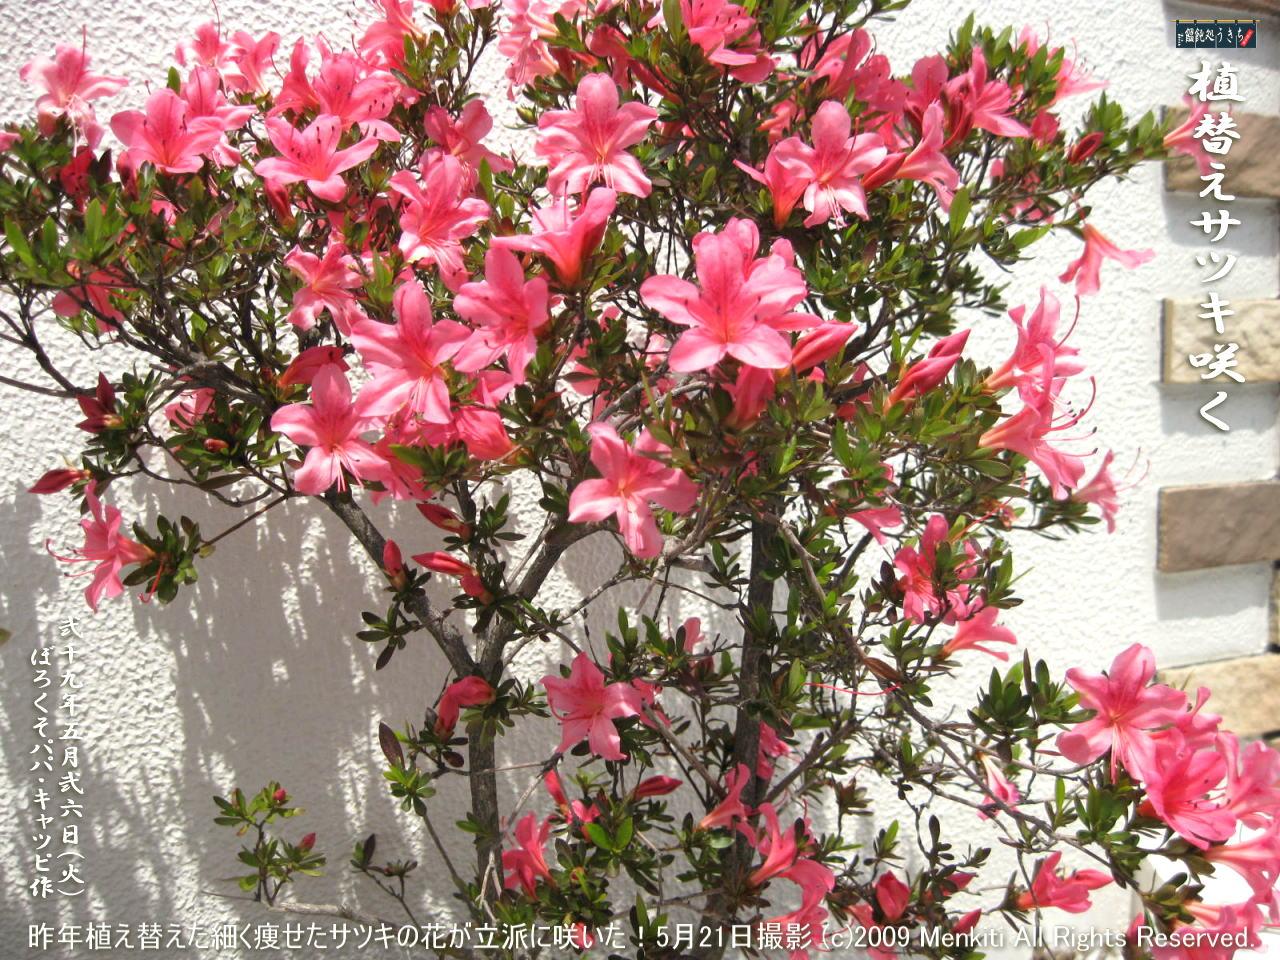 5/26(火)【植替えサツキ】昨年玄関花壇に2本だけ植え替えた細く痩せたサツキの花が立派に咲いた! @キャツピ&めん吉の【ぼろくそパパの独り言】▼マウスオーバー(カーソルを画像の上に置く)で別の画像に替わります。    ▼クリックで1280x960画像に拡大します。